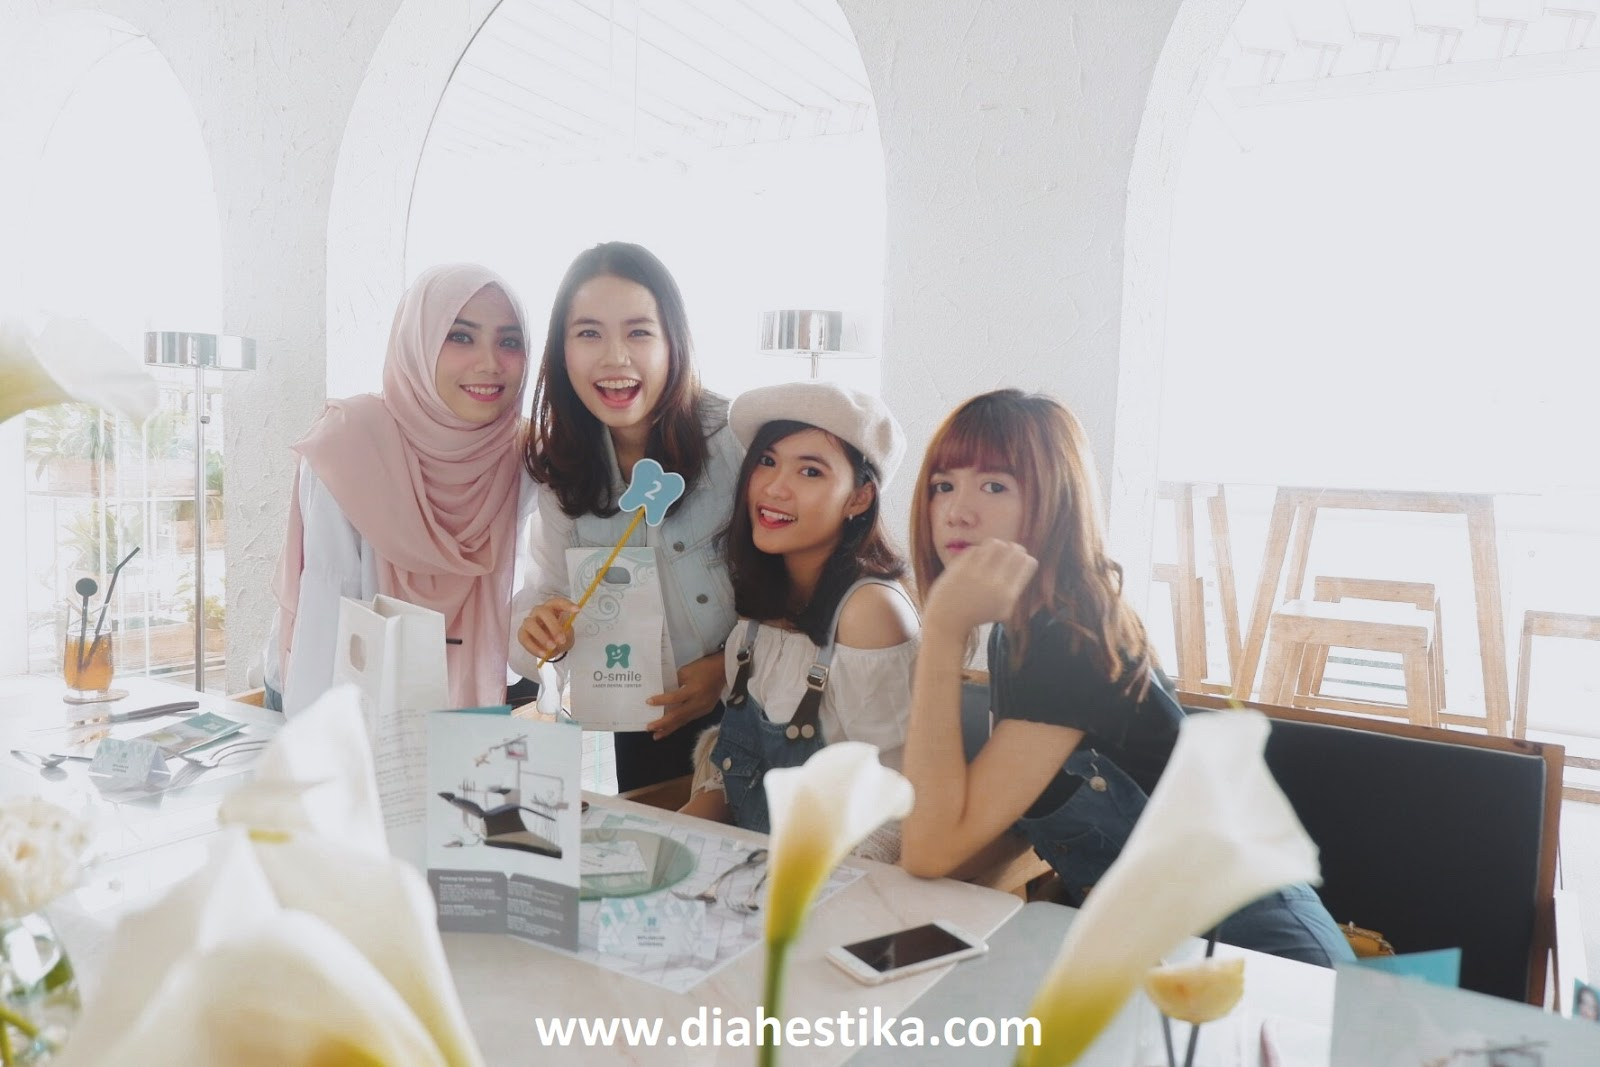 O-Smile Influencer Gathering: Pentingnya Kesadaran Perawatan Gigi Sejak Dini